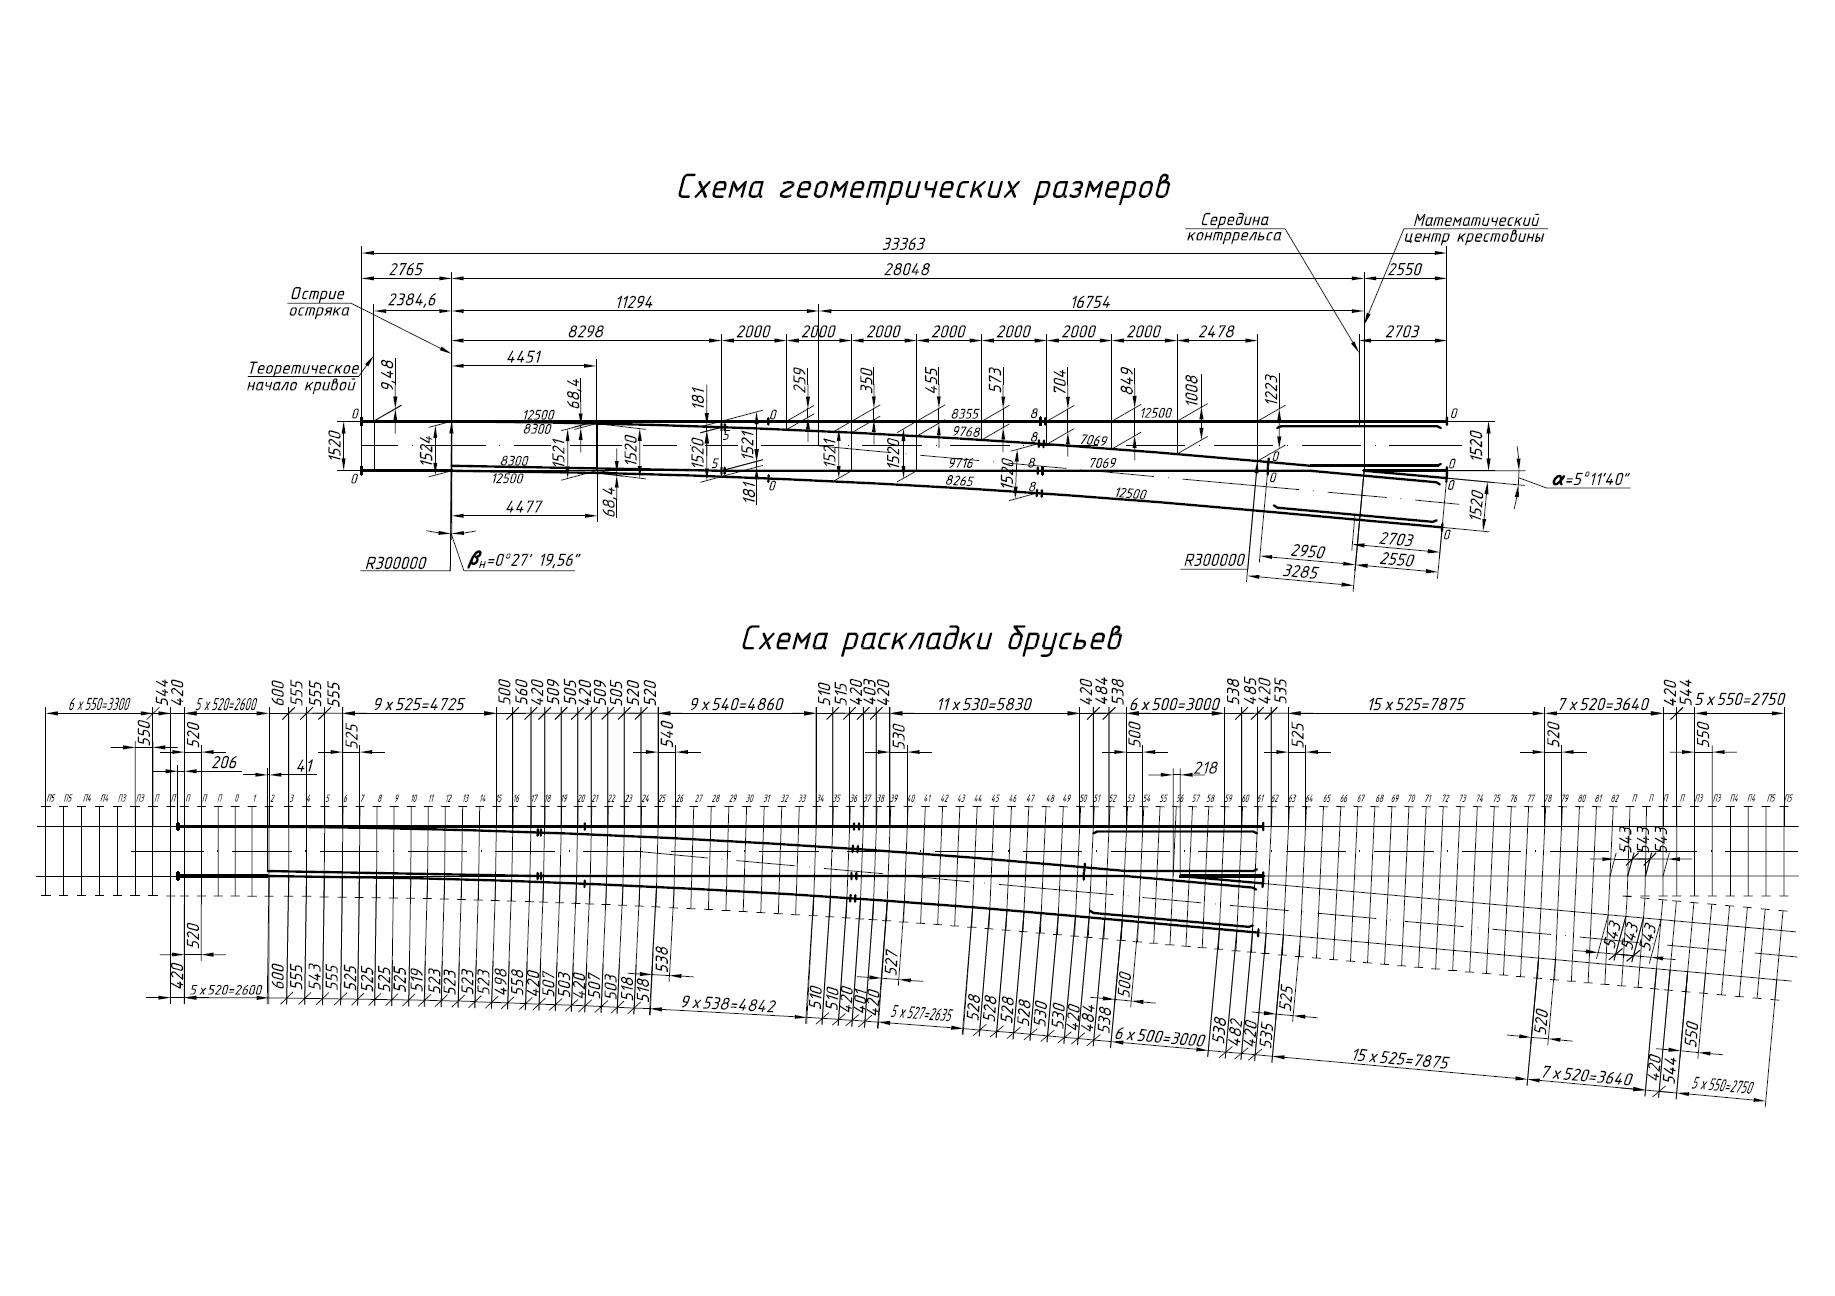 чертёж стрелочного перевода тип Р65 марка 1-11 проект 2768